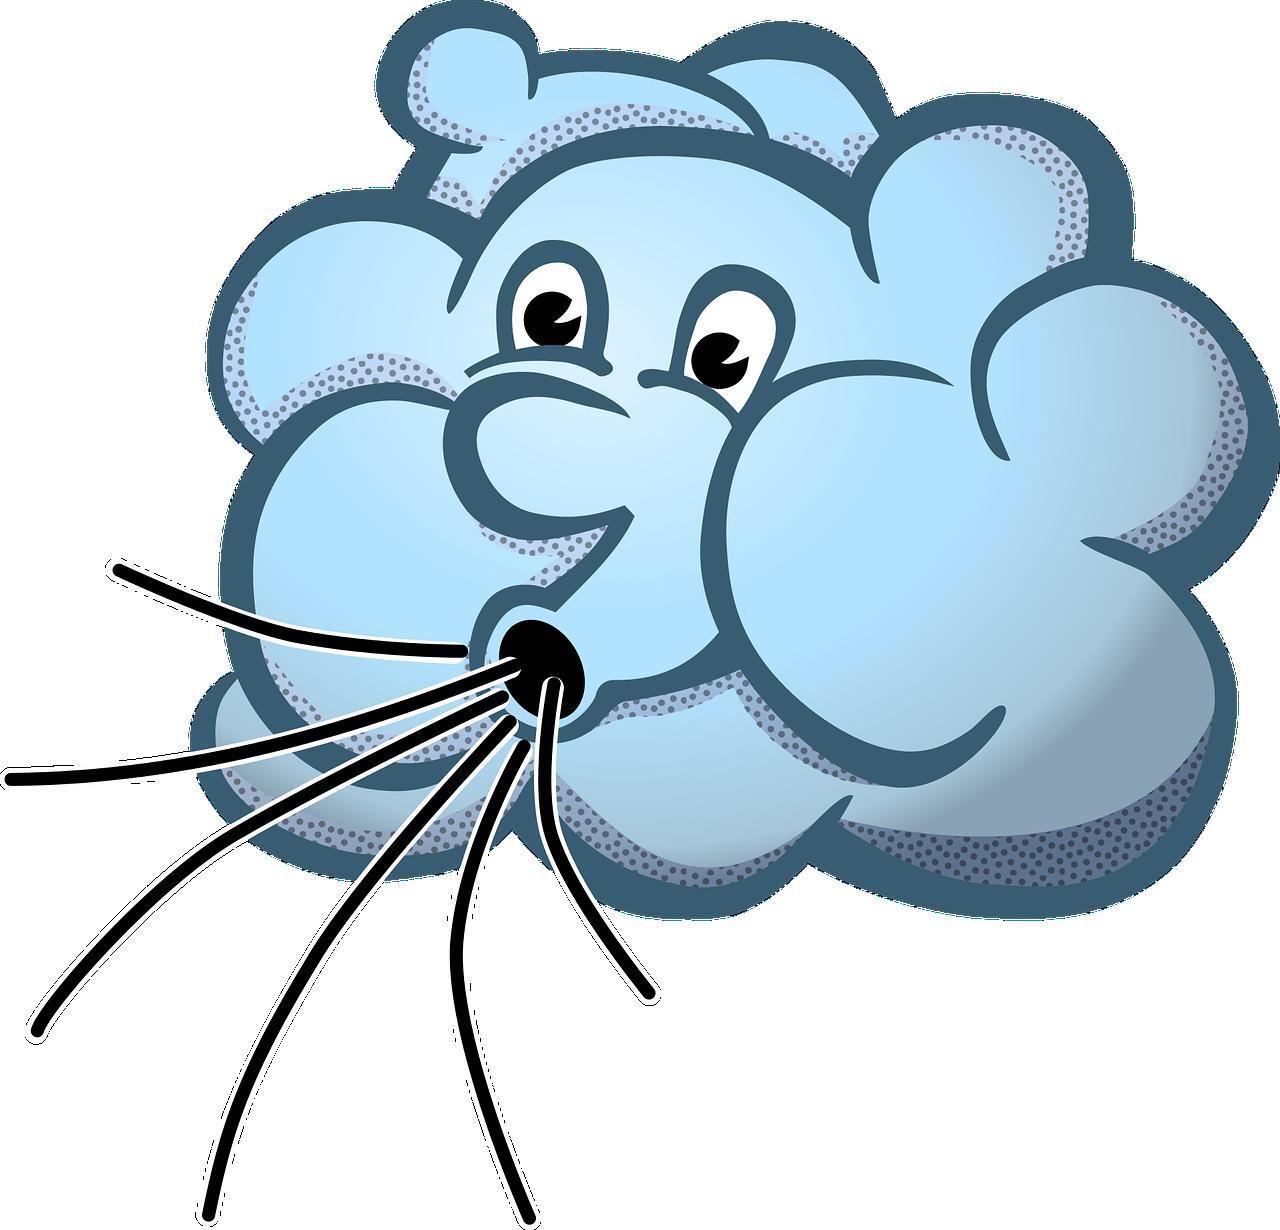 Windy clipart wind speed. Do days children up